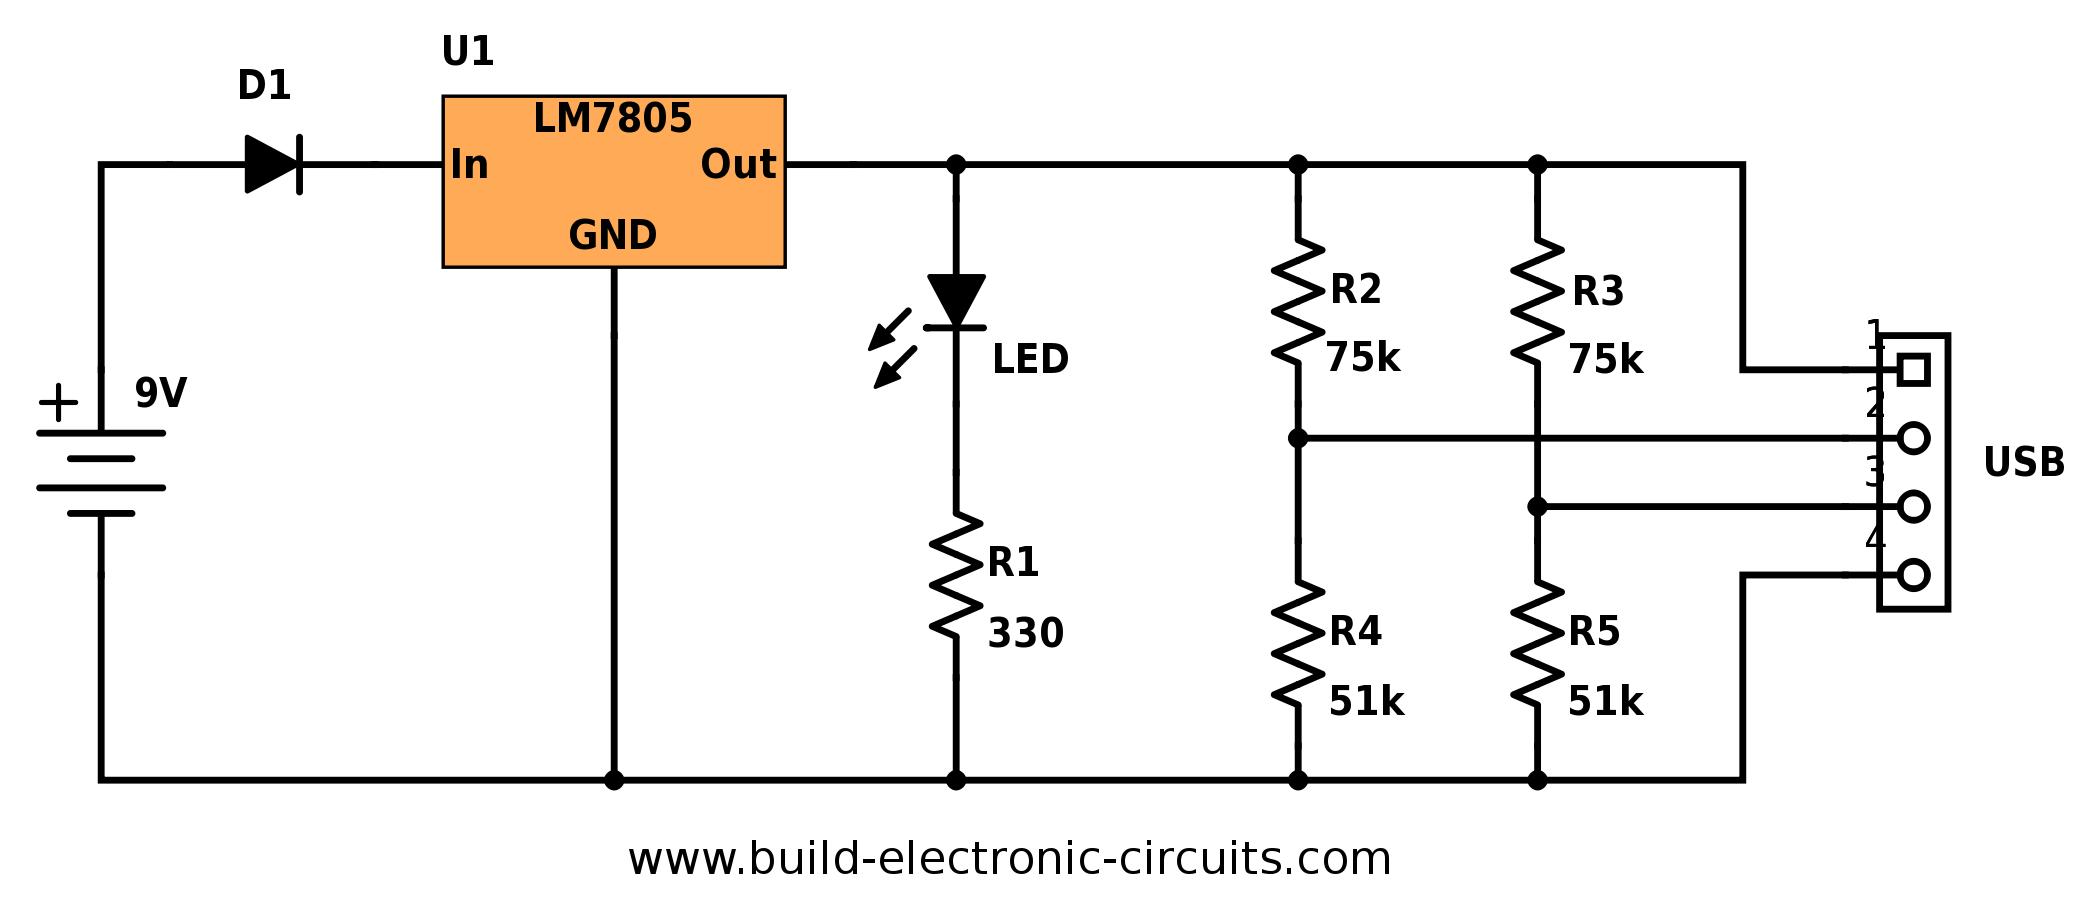 medium resolution of unique circuits diagram diagram wiringdiagram diagramming diagramm visuals visualisation graphical